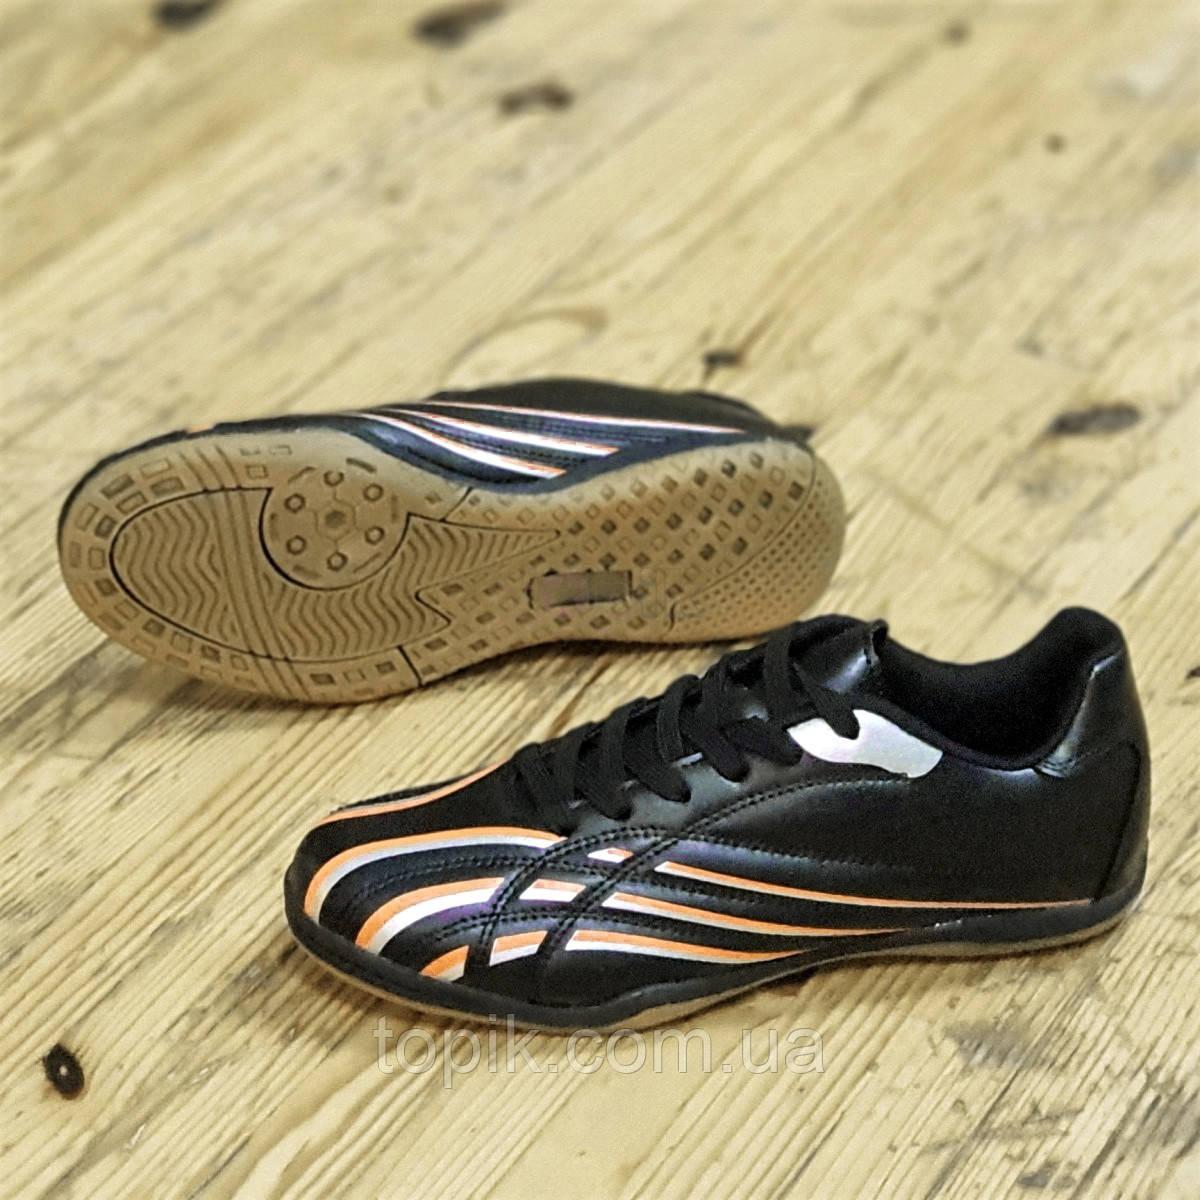 Футзалки бампы кроссовки для футбола черные легкие подошва полиуретан прошитый носок (Код: 1317)